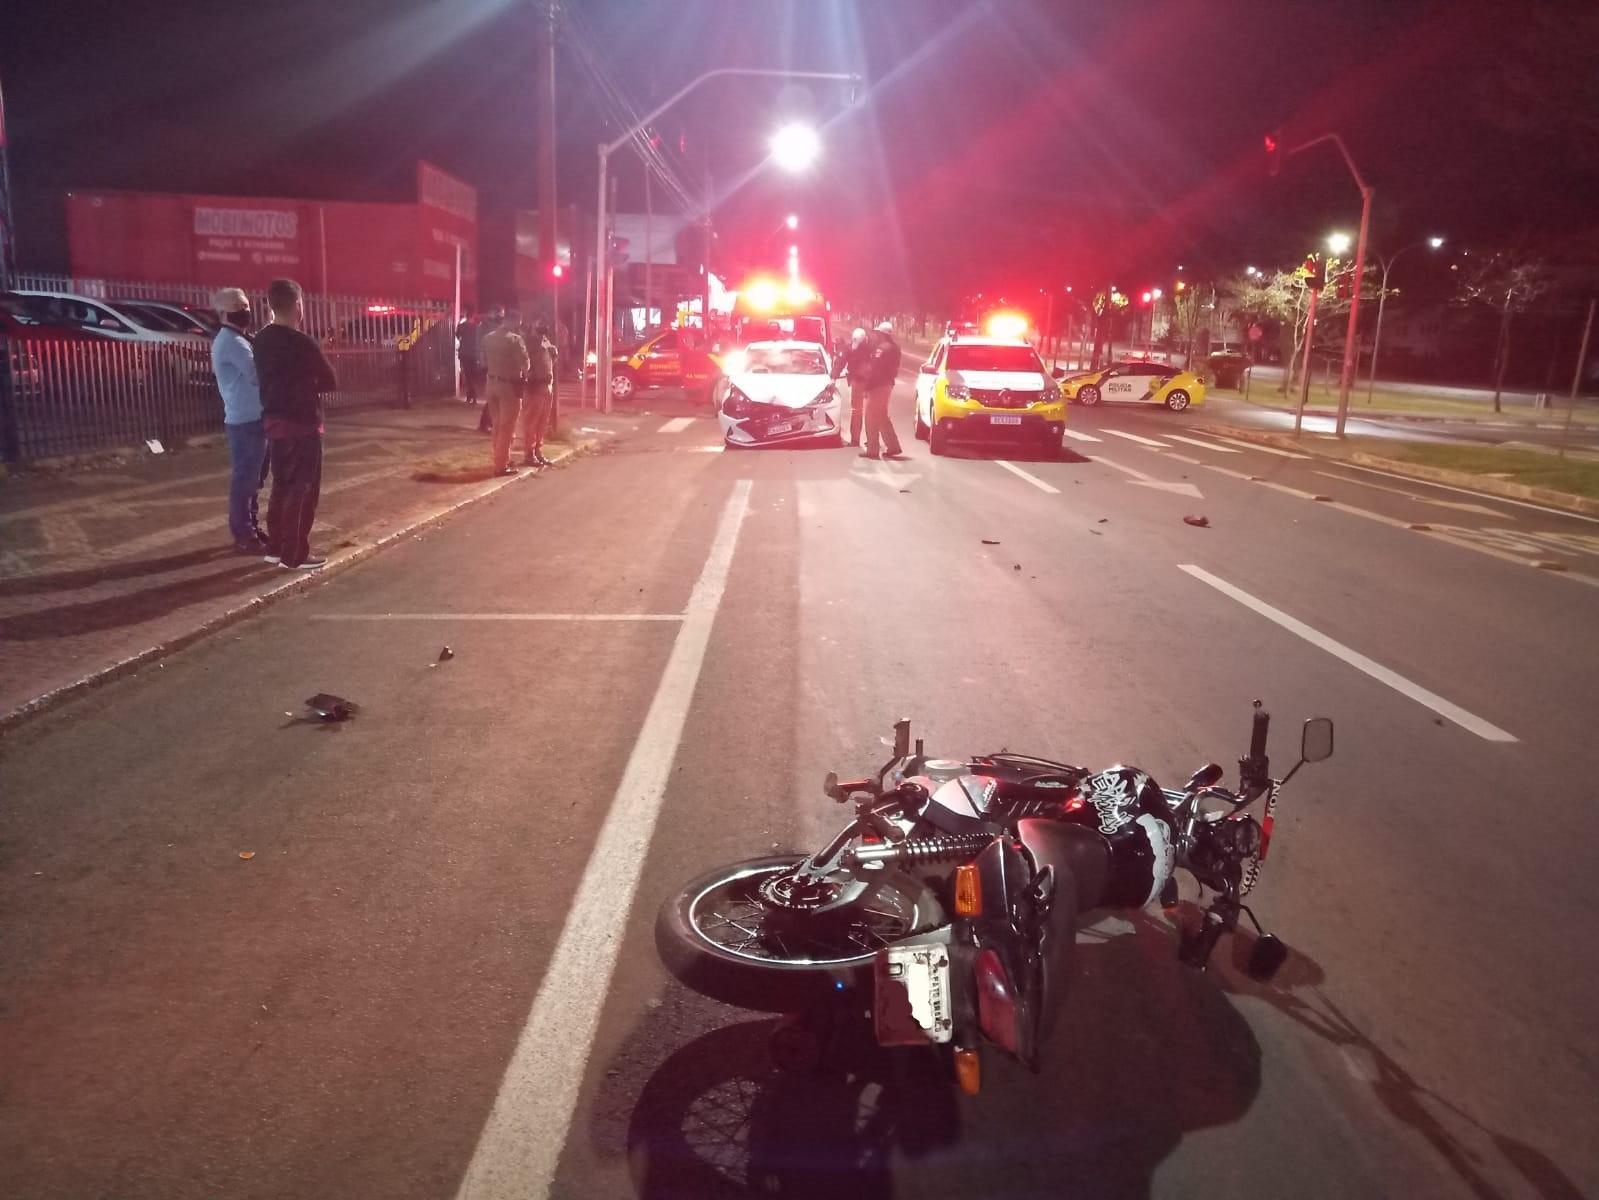 Motociclista sem habilitação e motorista suspeito de dirigir bêbado se envolvem em acidente em Cascavel, diz PM